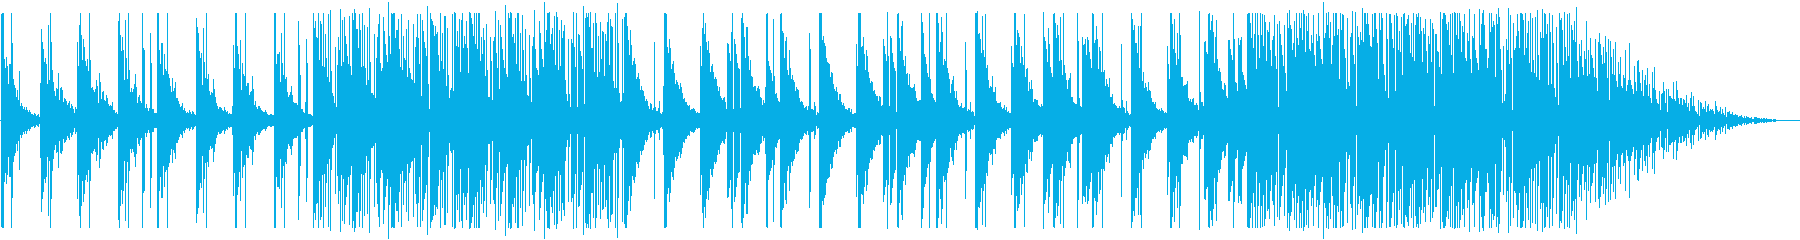 寂しげ/夜空/R&B_No447_3の再生済みの波形